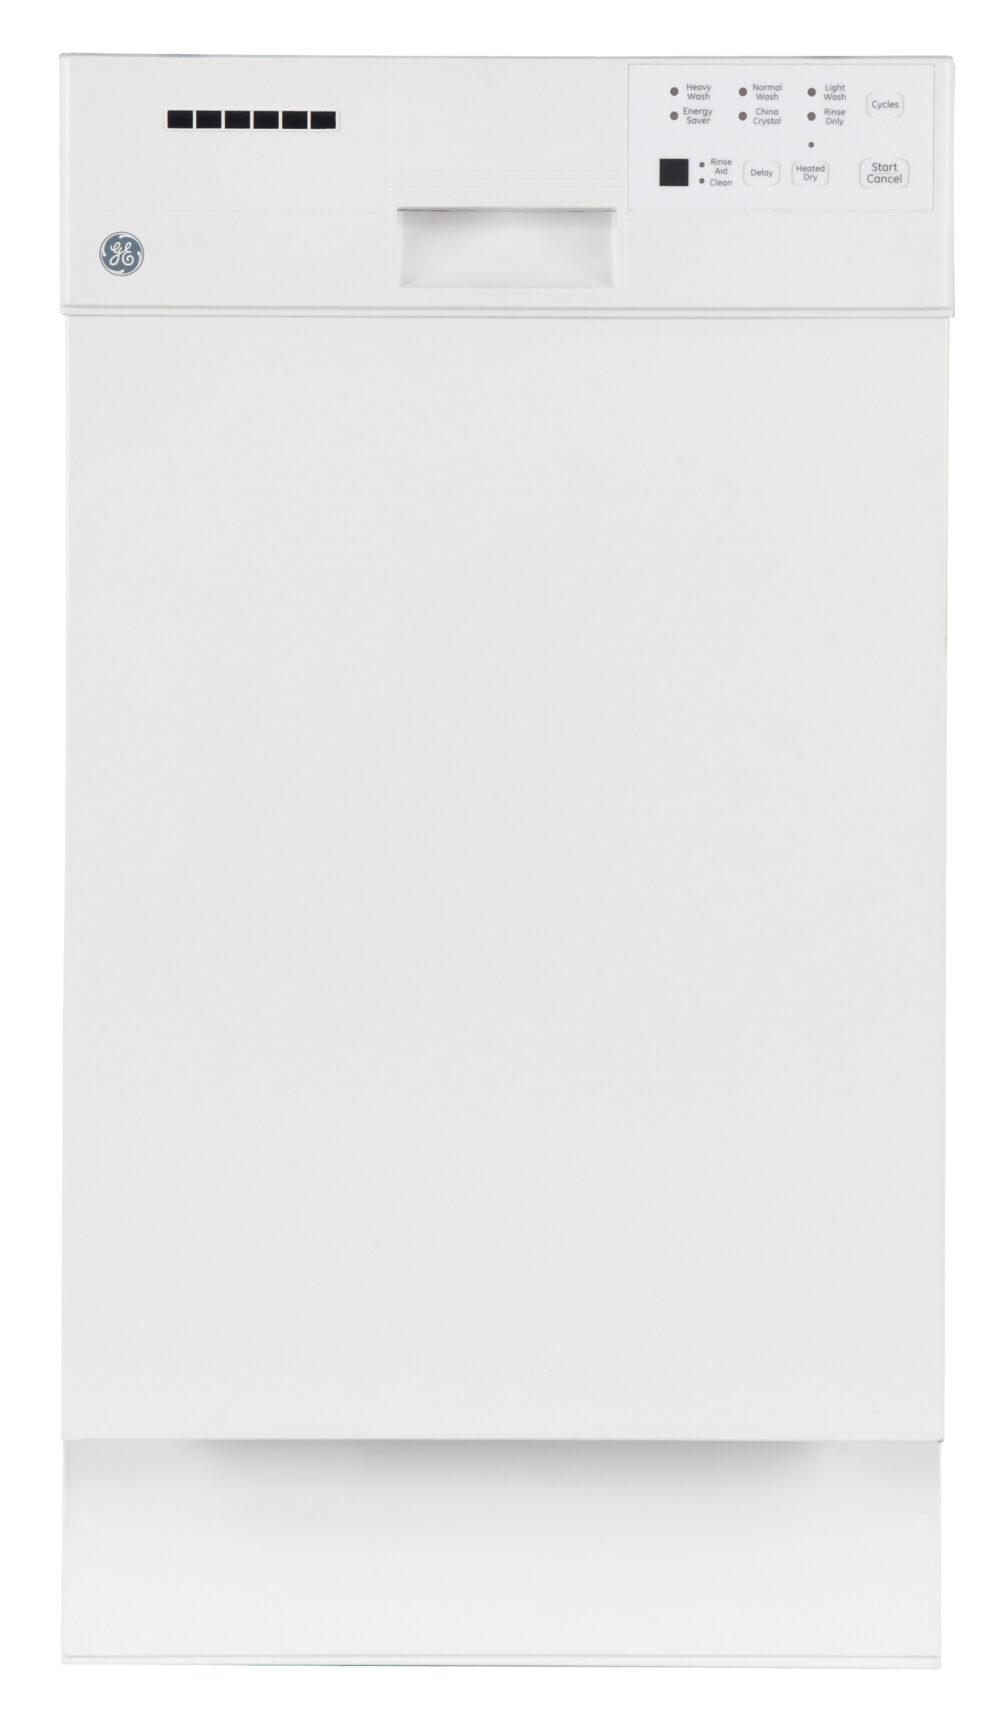 17572 - Dishwasher - GSM1800VWW-Final